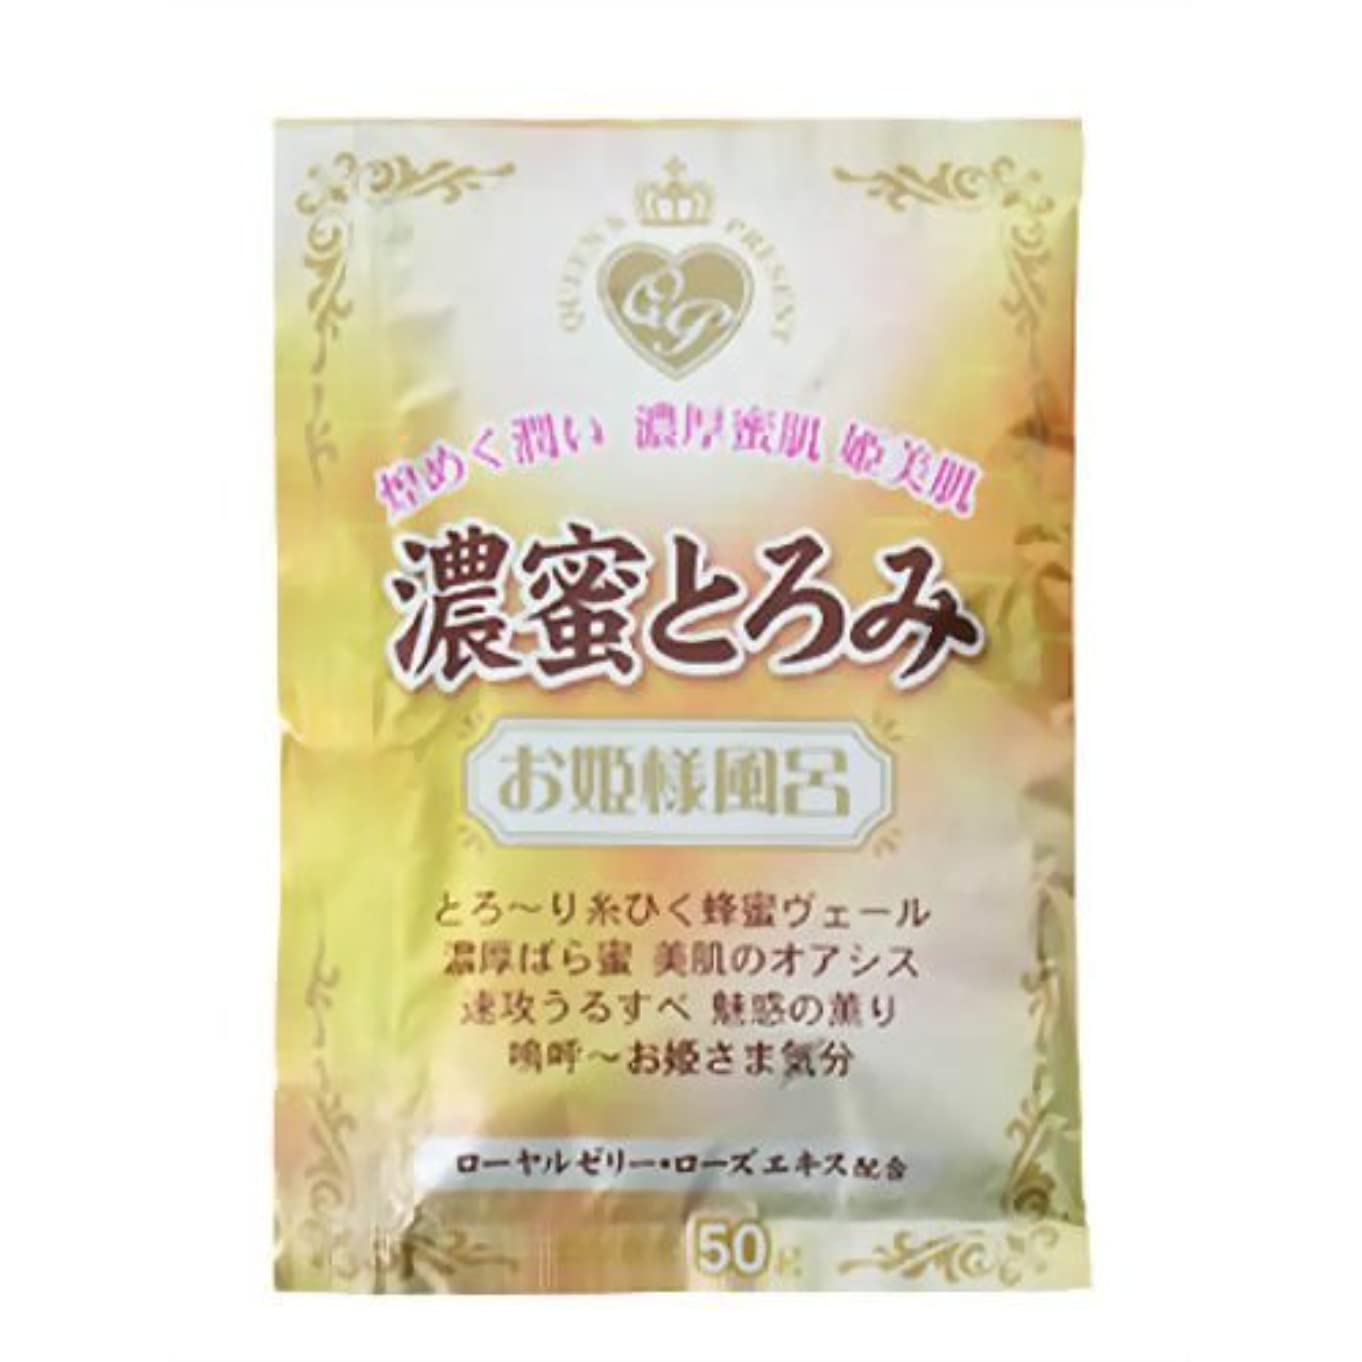 ワゴン実際のドット紀陽除虫菊 お姫様風呂  濃密とろみ【まとめ買い12個セット】 N-8173